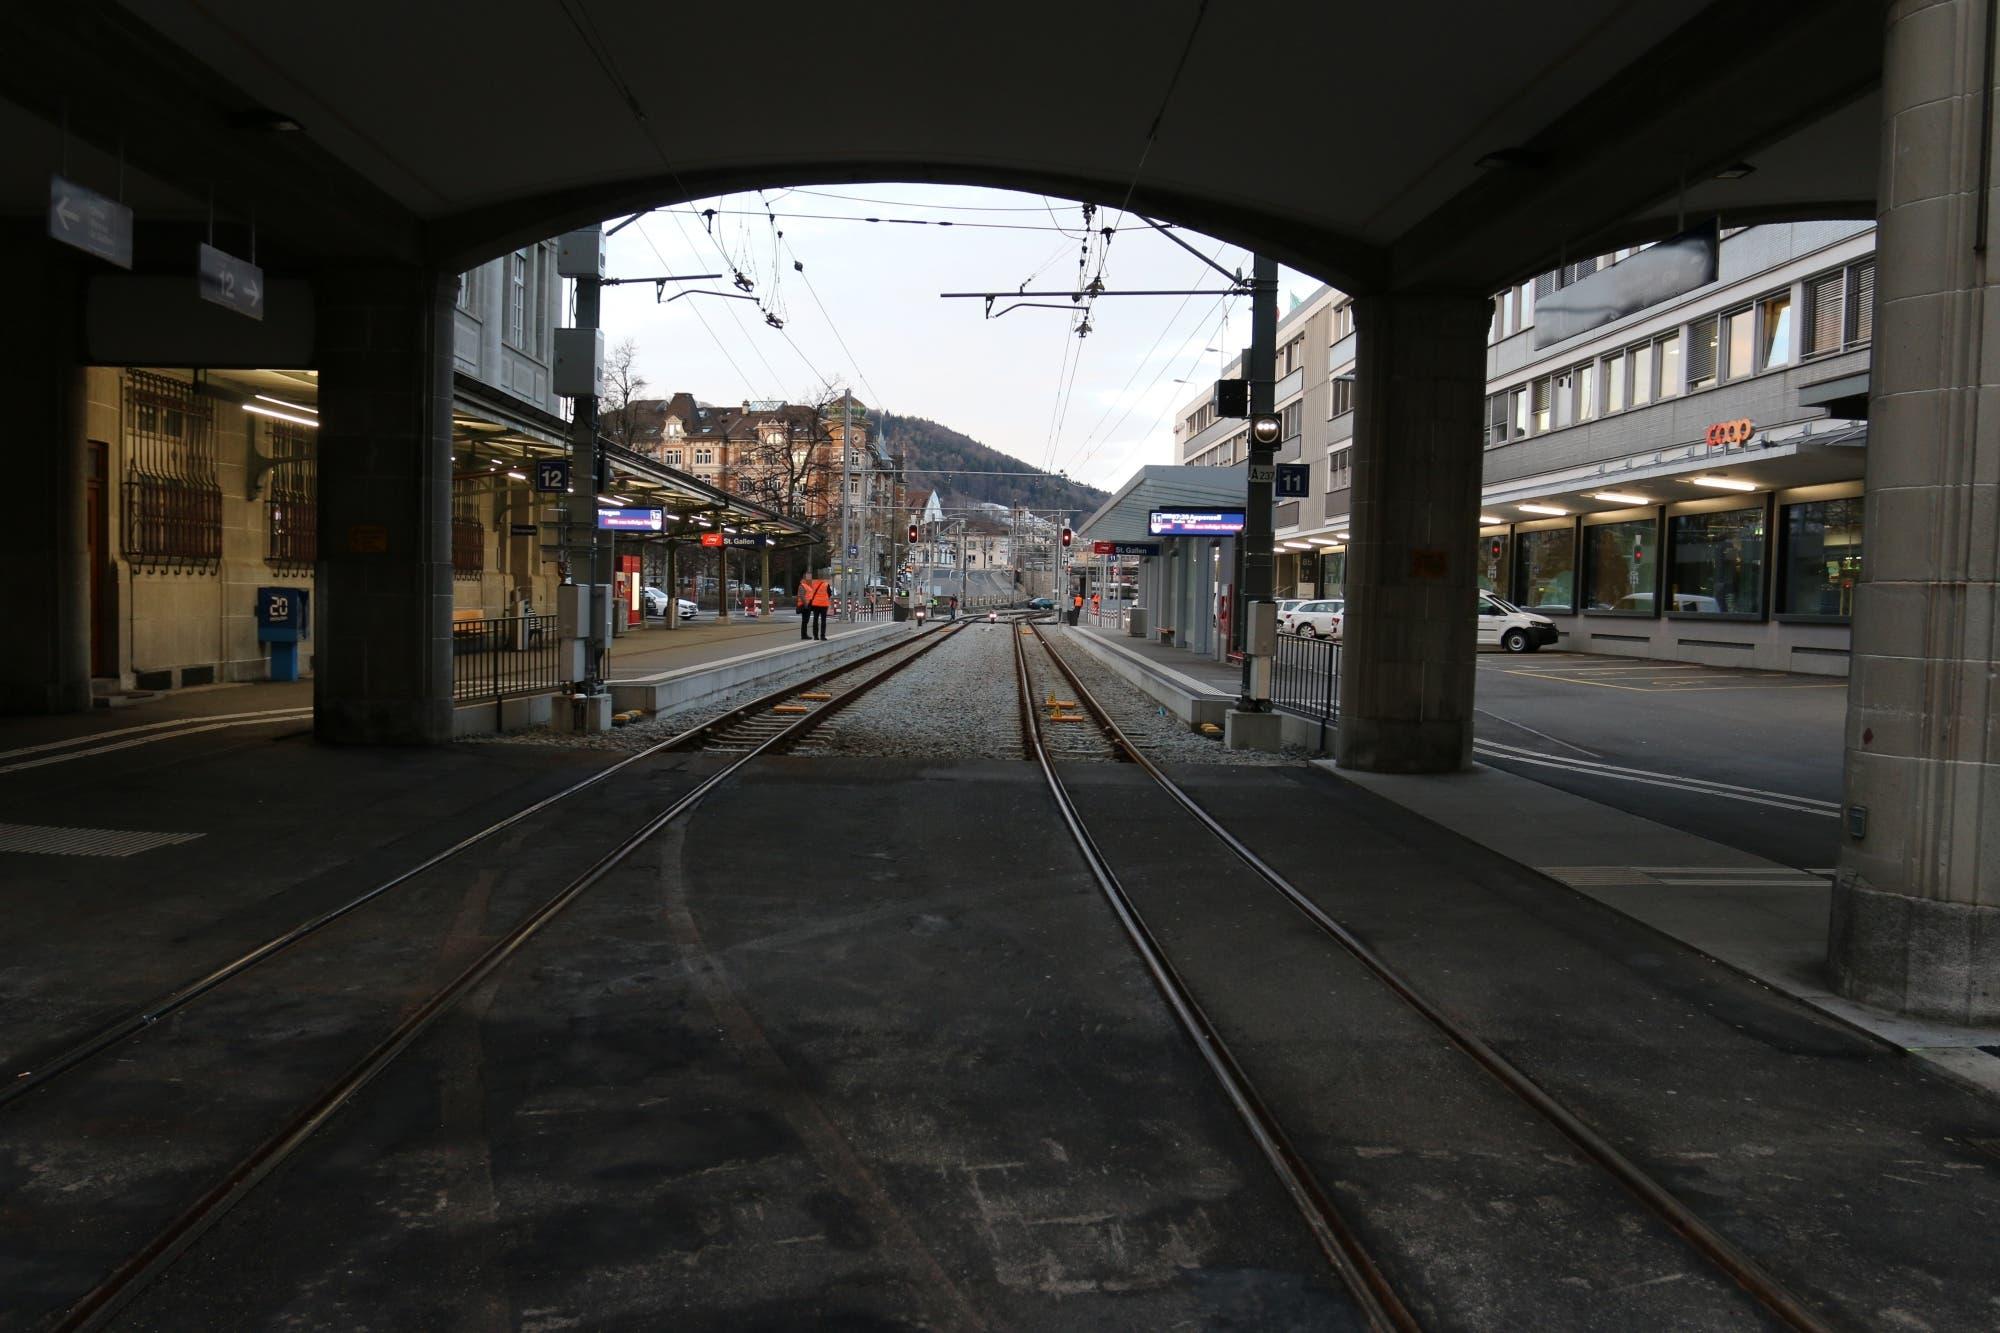 Am 3. und 26. März sowie am 23. Oktober 2019 und letztmals am 3. Februar 2020 fuhren Autos durch diesen Bogen vom St.Galler Bahnhofplatz auf die Gleise der Appenzeller Bahnen. Einer kam immerhin 150 Meter weit.